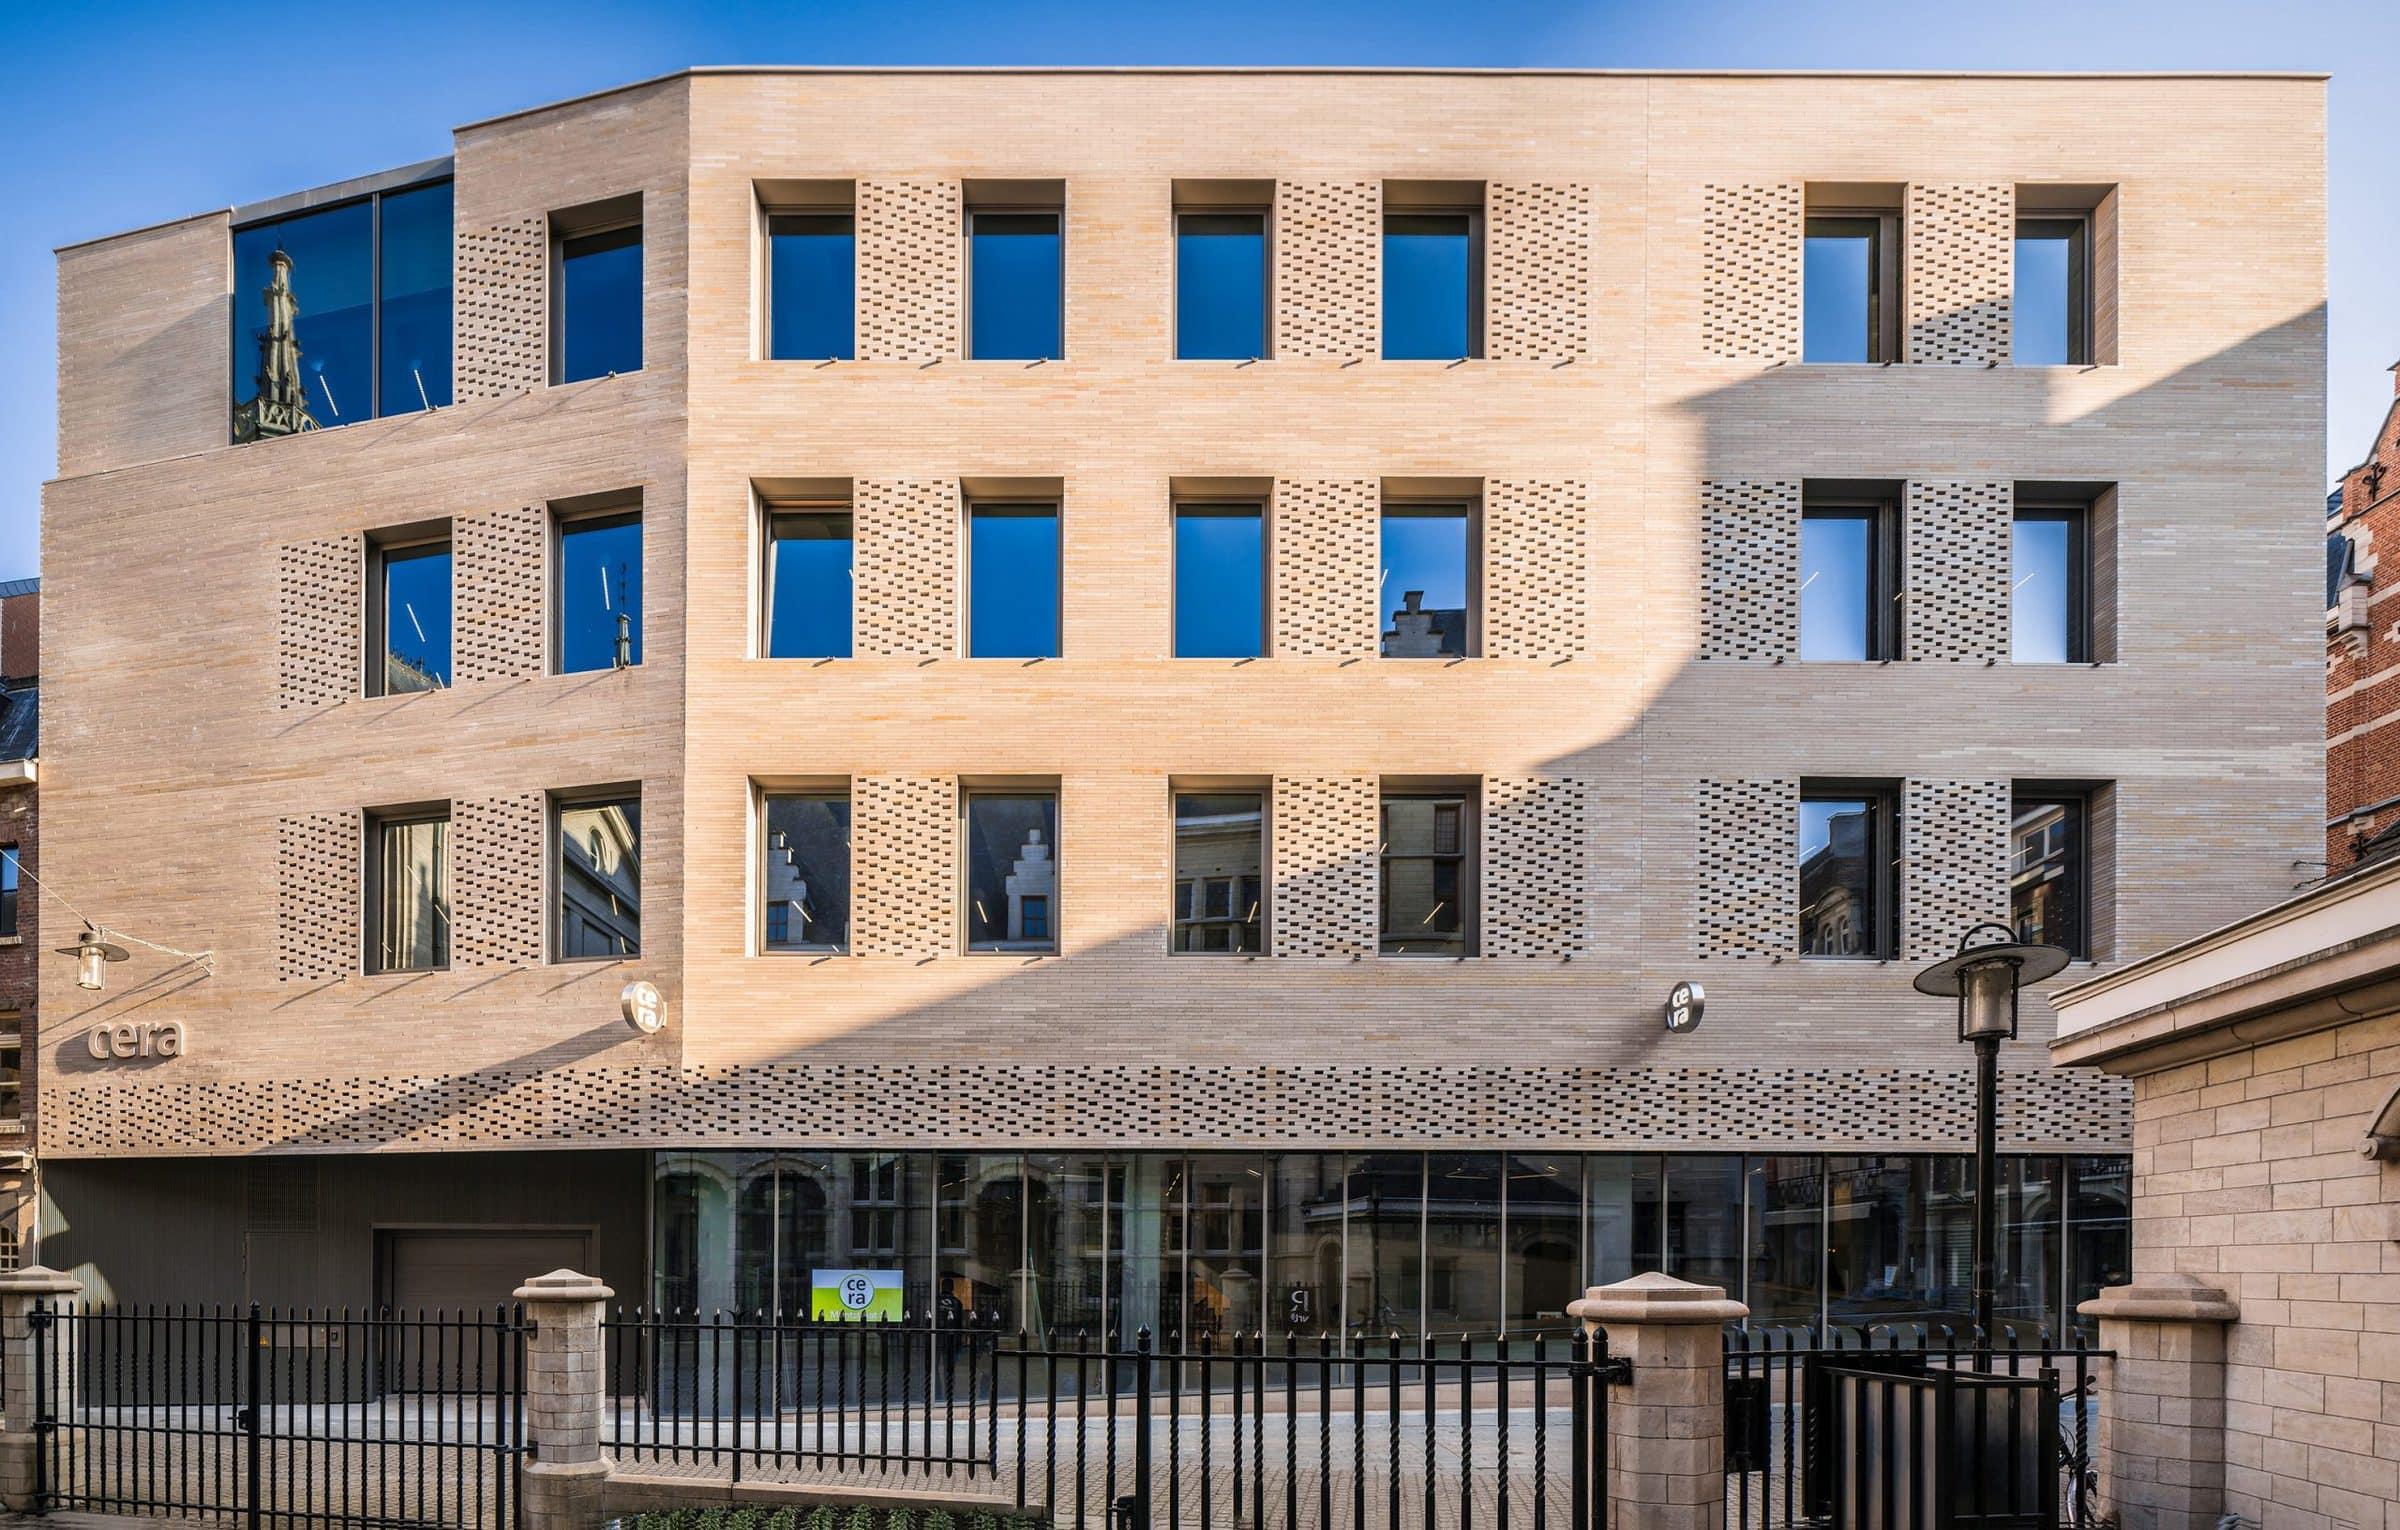 Banque CERA a Bruxelles pierre Comblanchien Photographe Simon Van Ranst 2 scaled